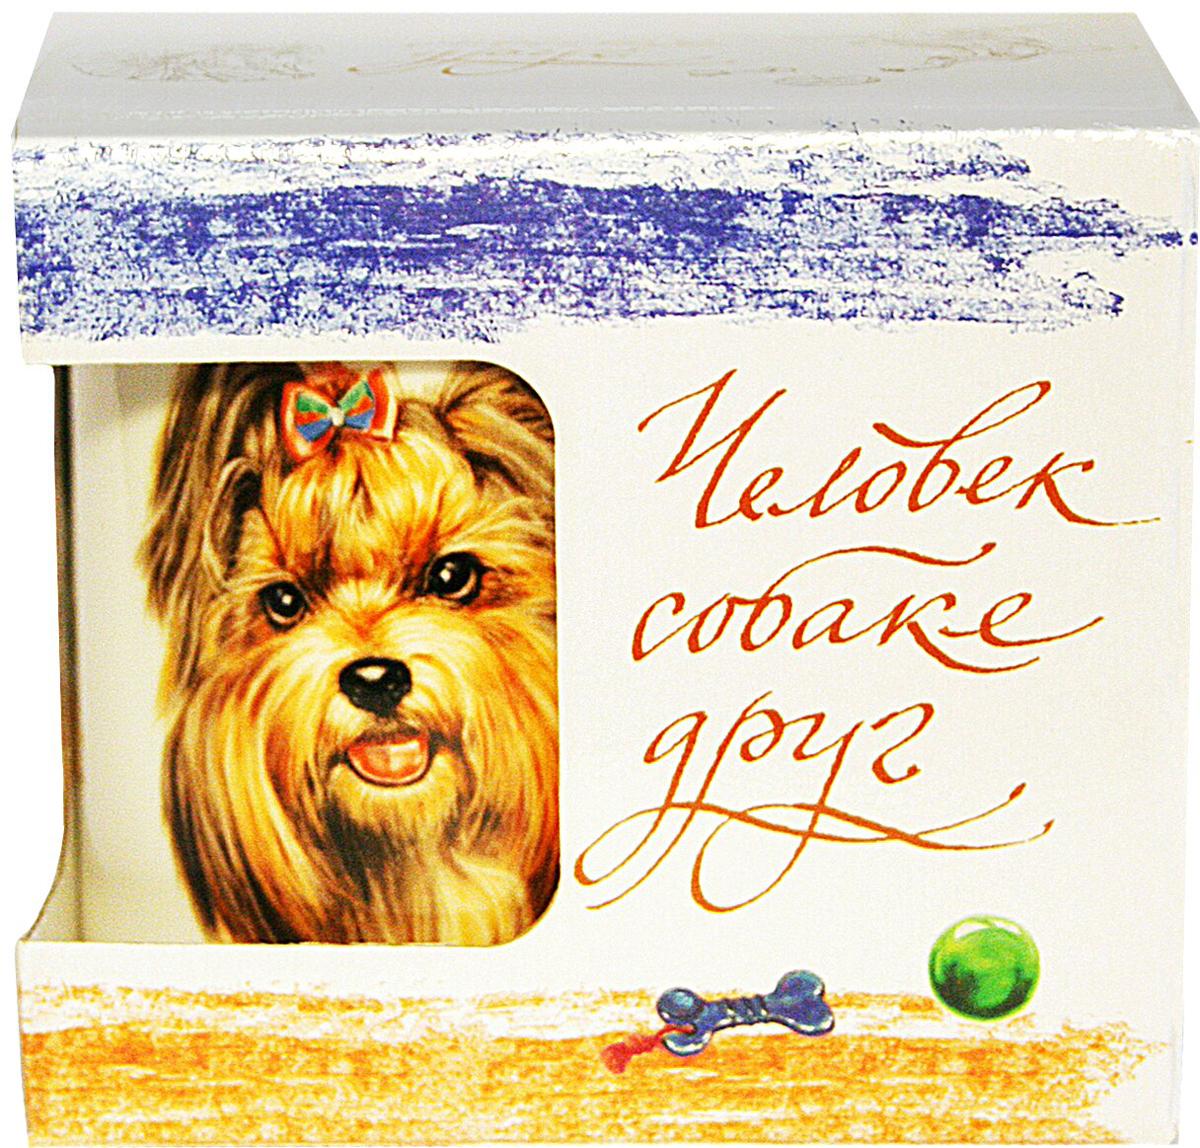 Фото - Кружка PrioritY Человек собаке друг Йоркширский терьер 420 мл. в подарочной упаковке кружка priority такса 420 мл